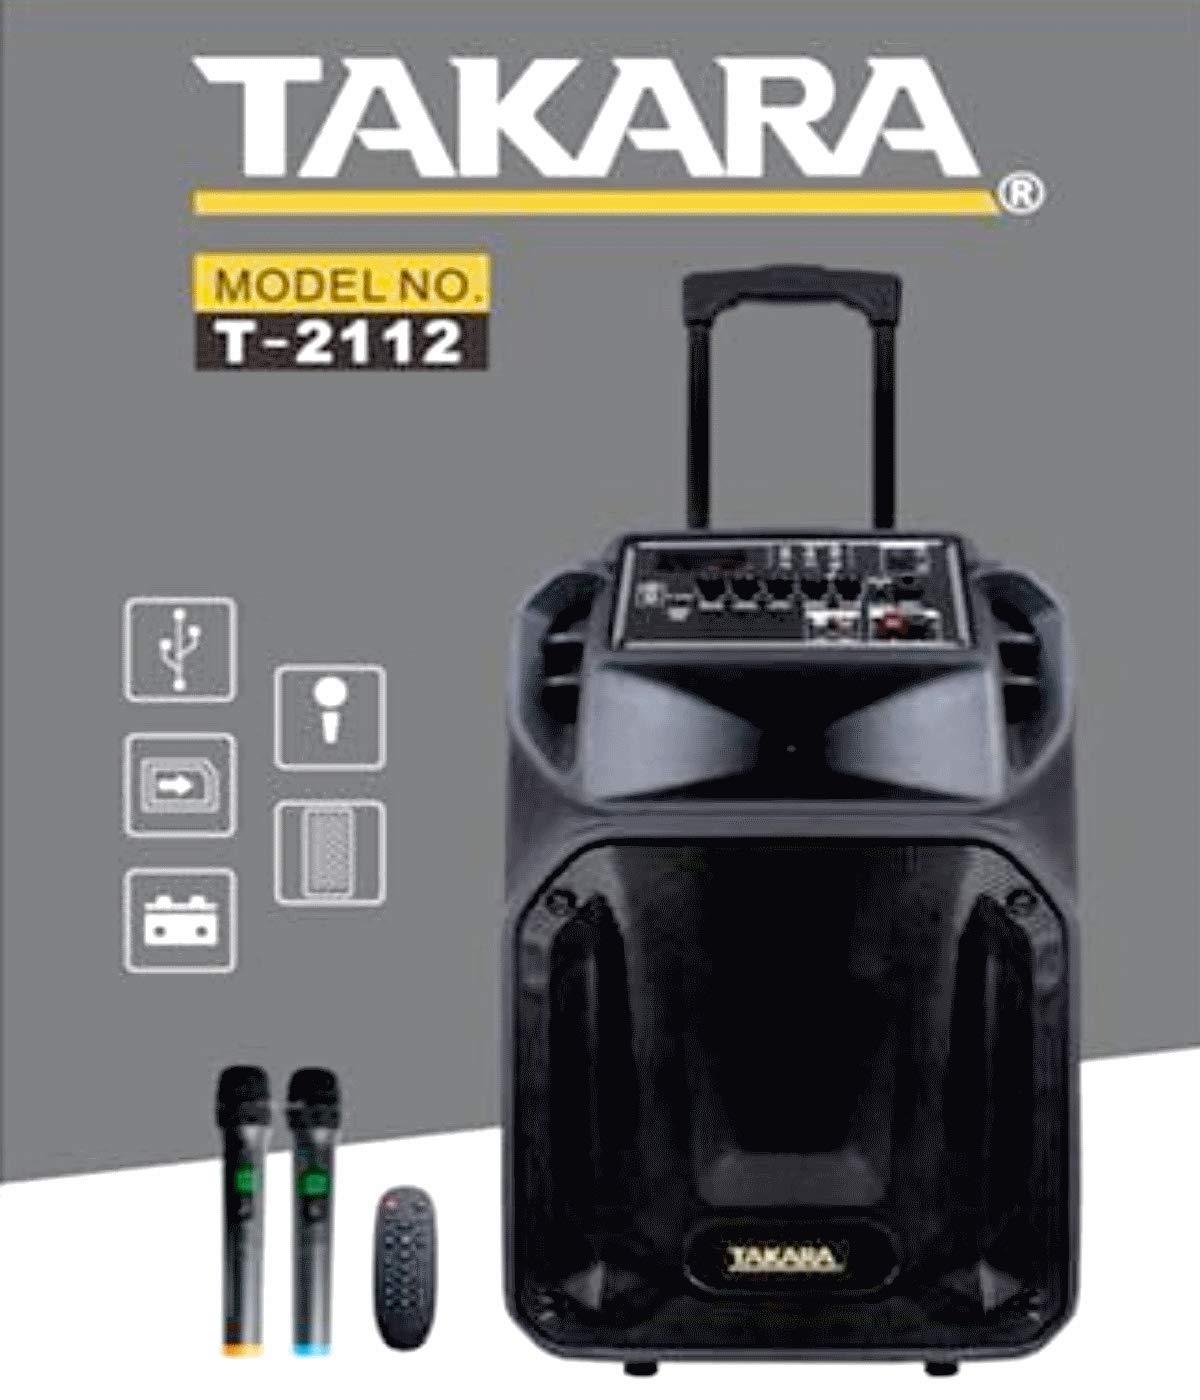 Takara Speaker Trolley Karaoke Best Karaoke Machines